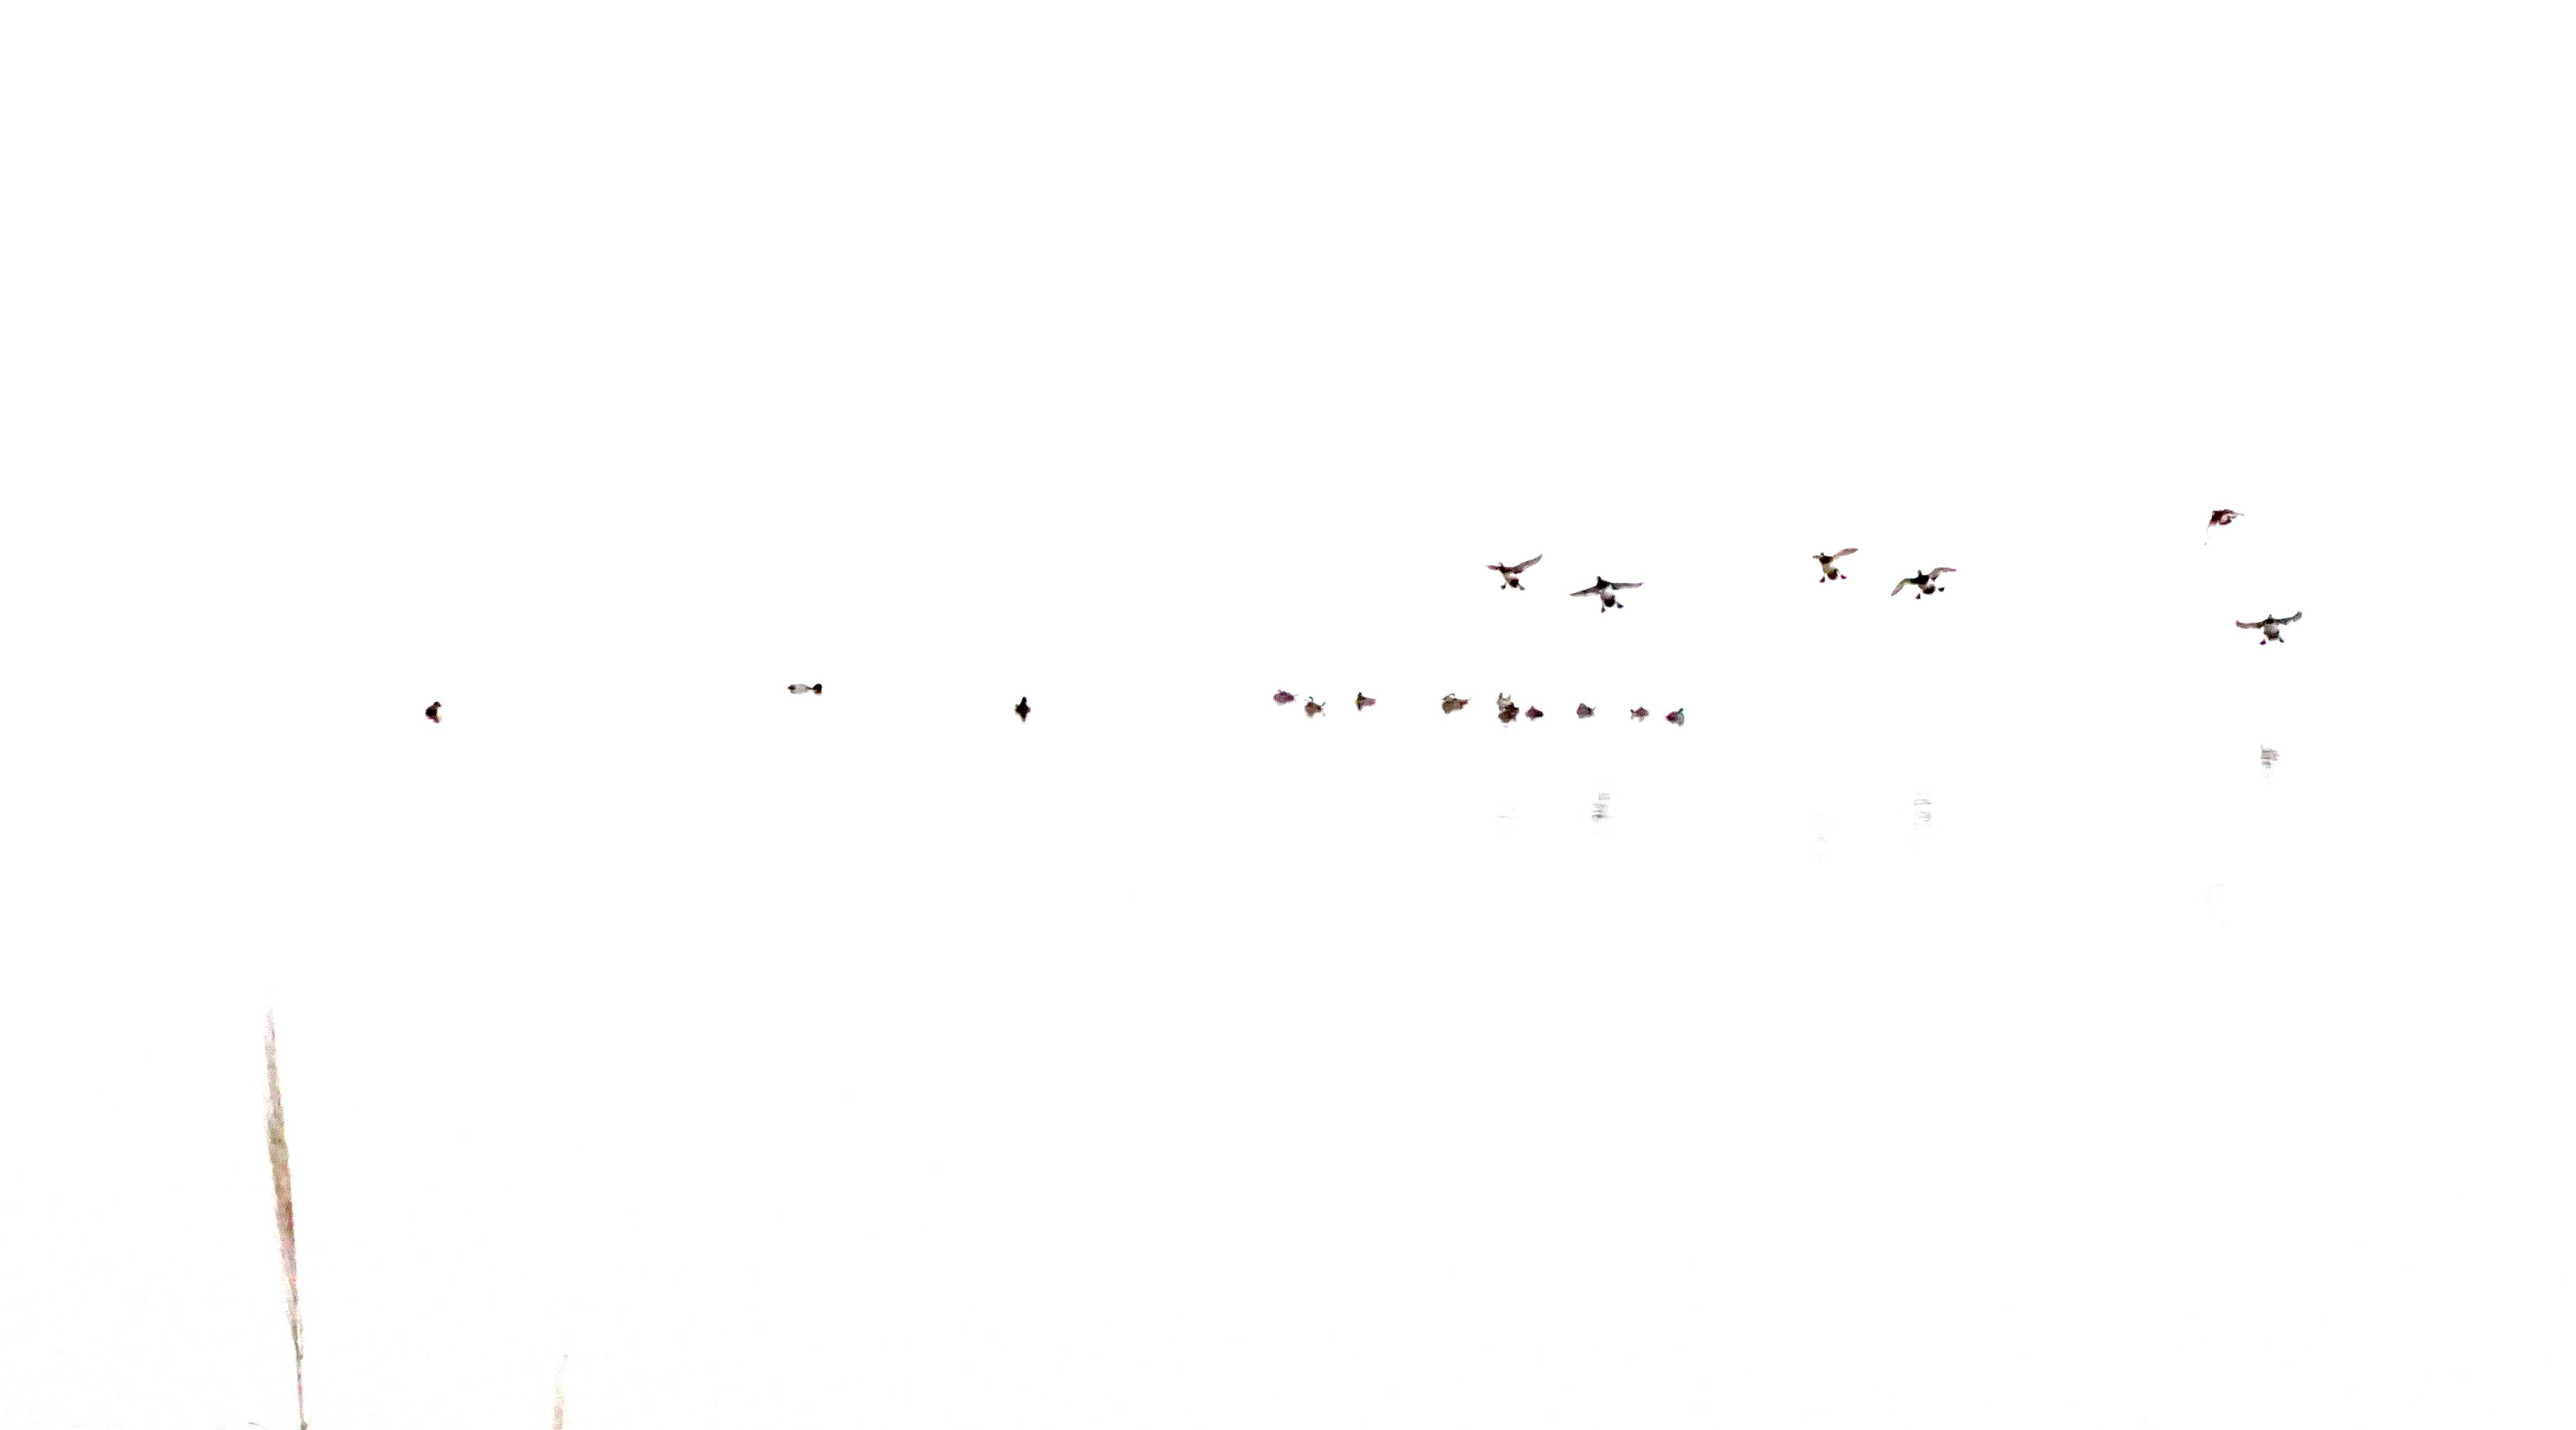 654169CD-E062-40B3-8246-FE2EE7C36C5B_1_2